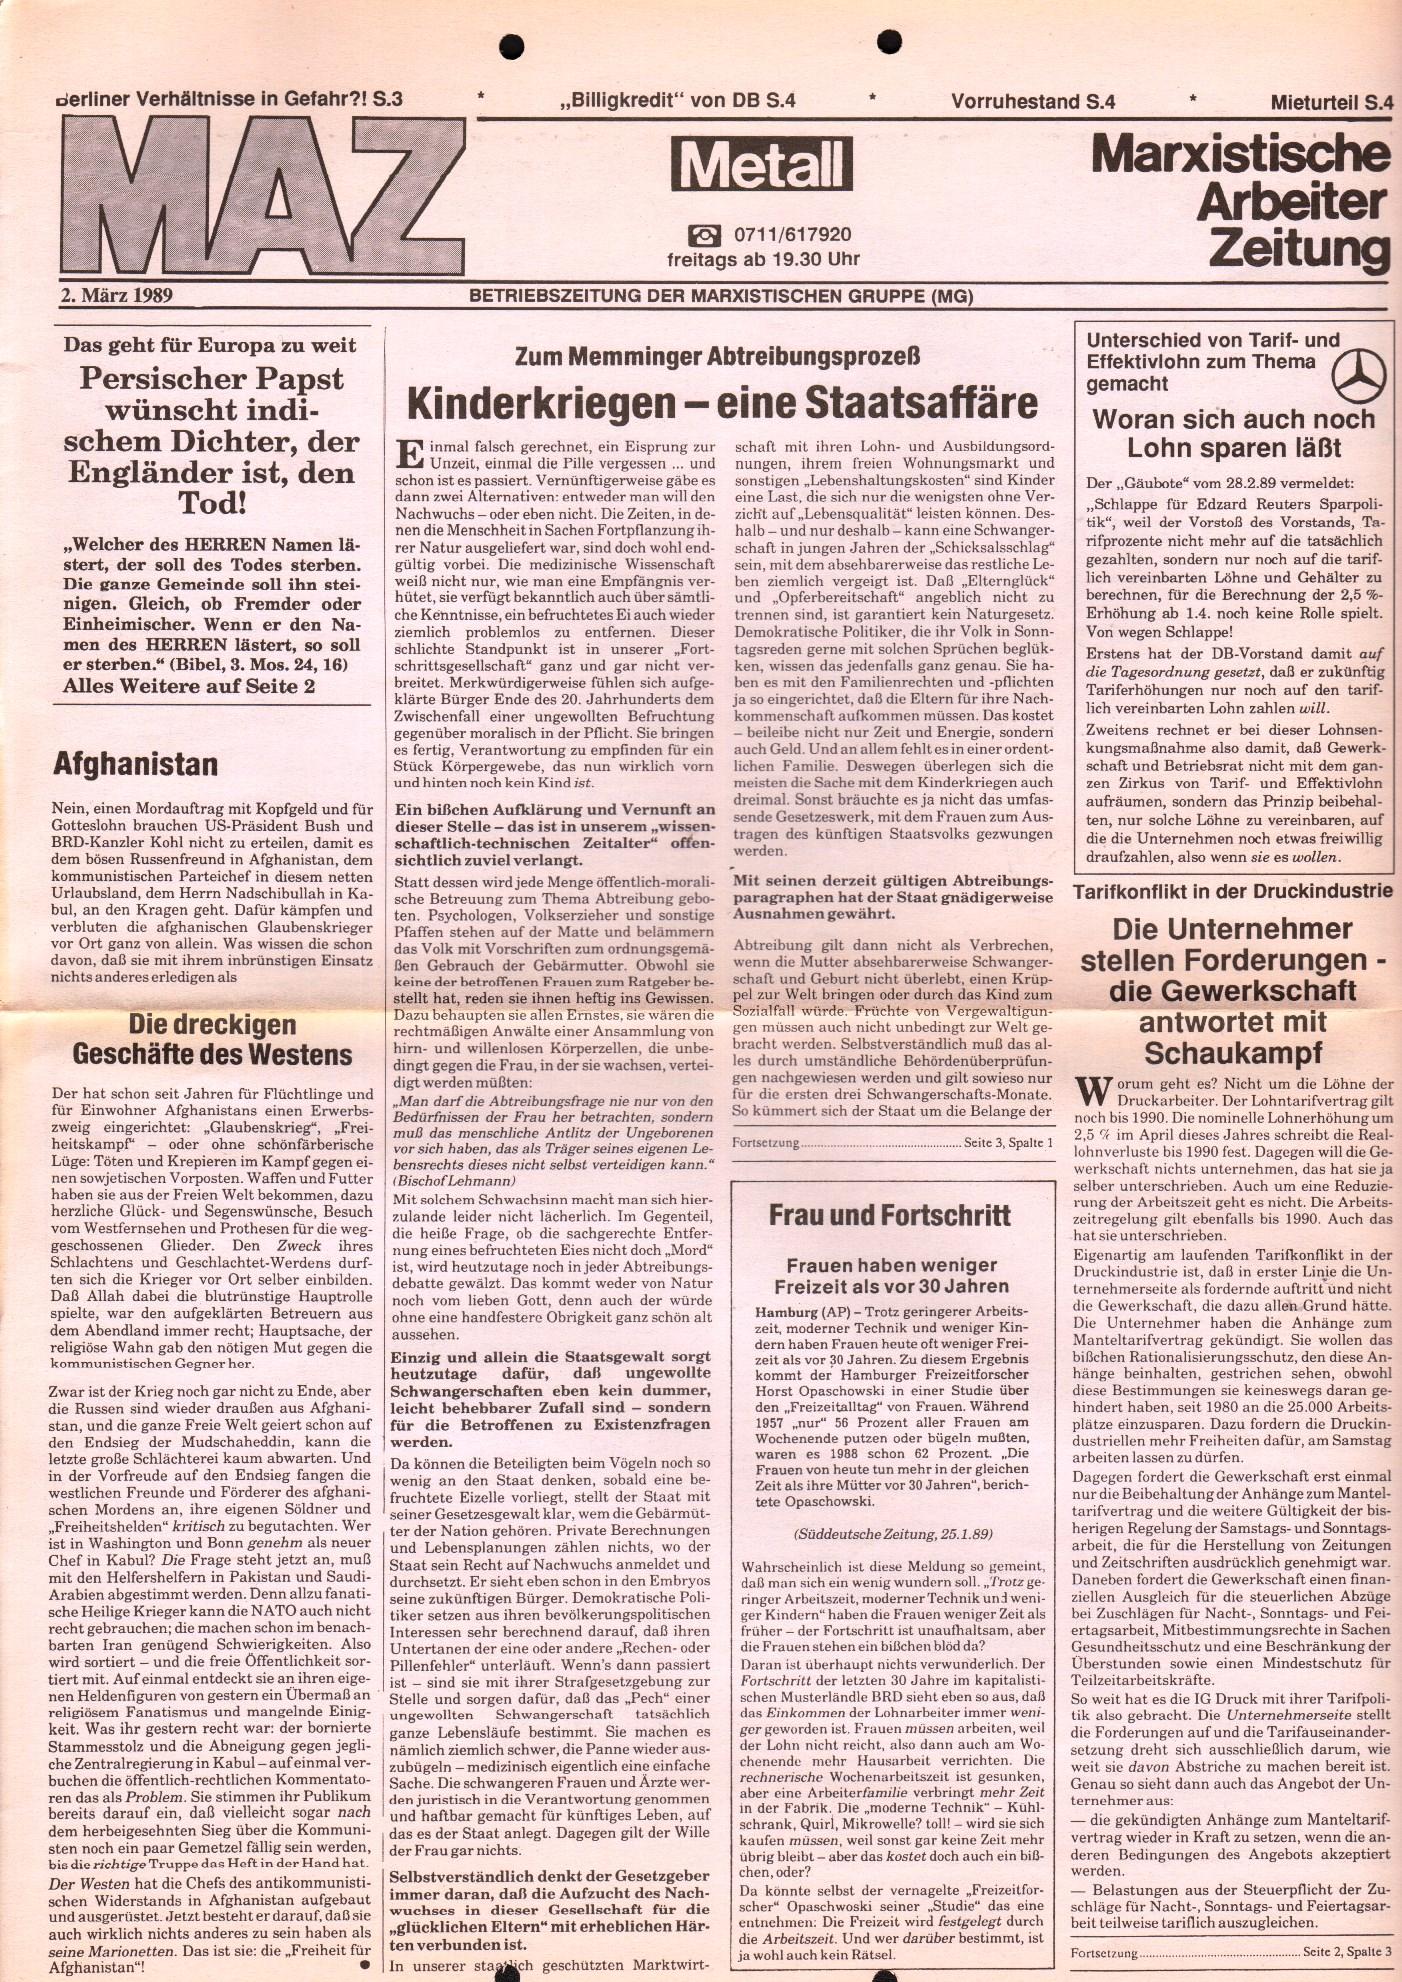 BW_MG_Marxistische_Arbeiterzeitung_19890302_01